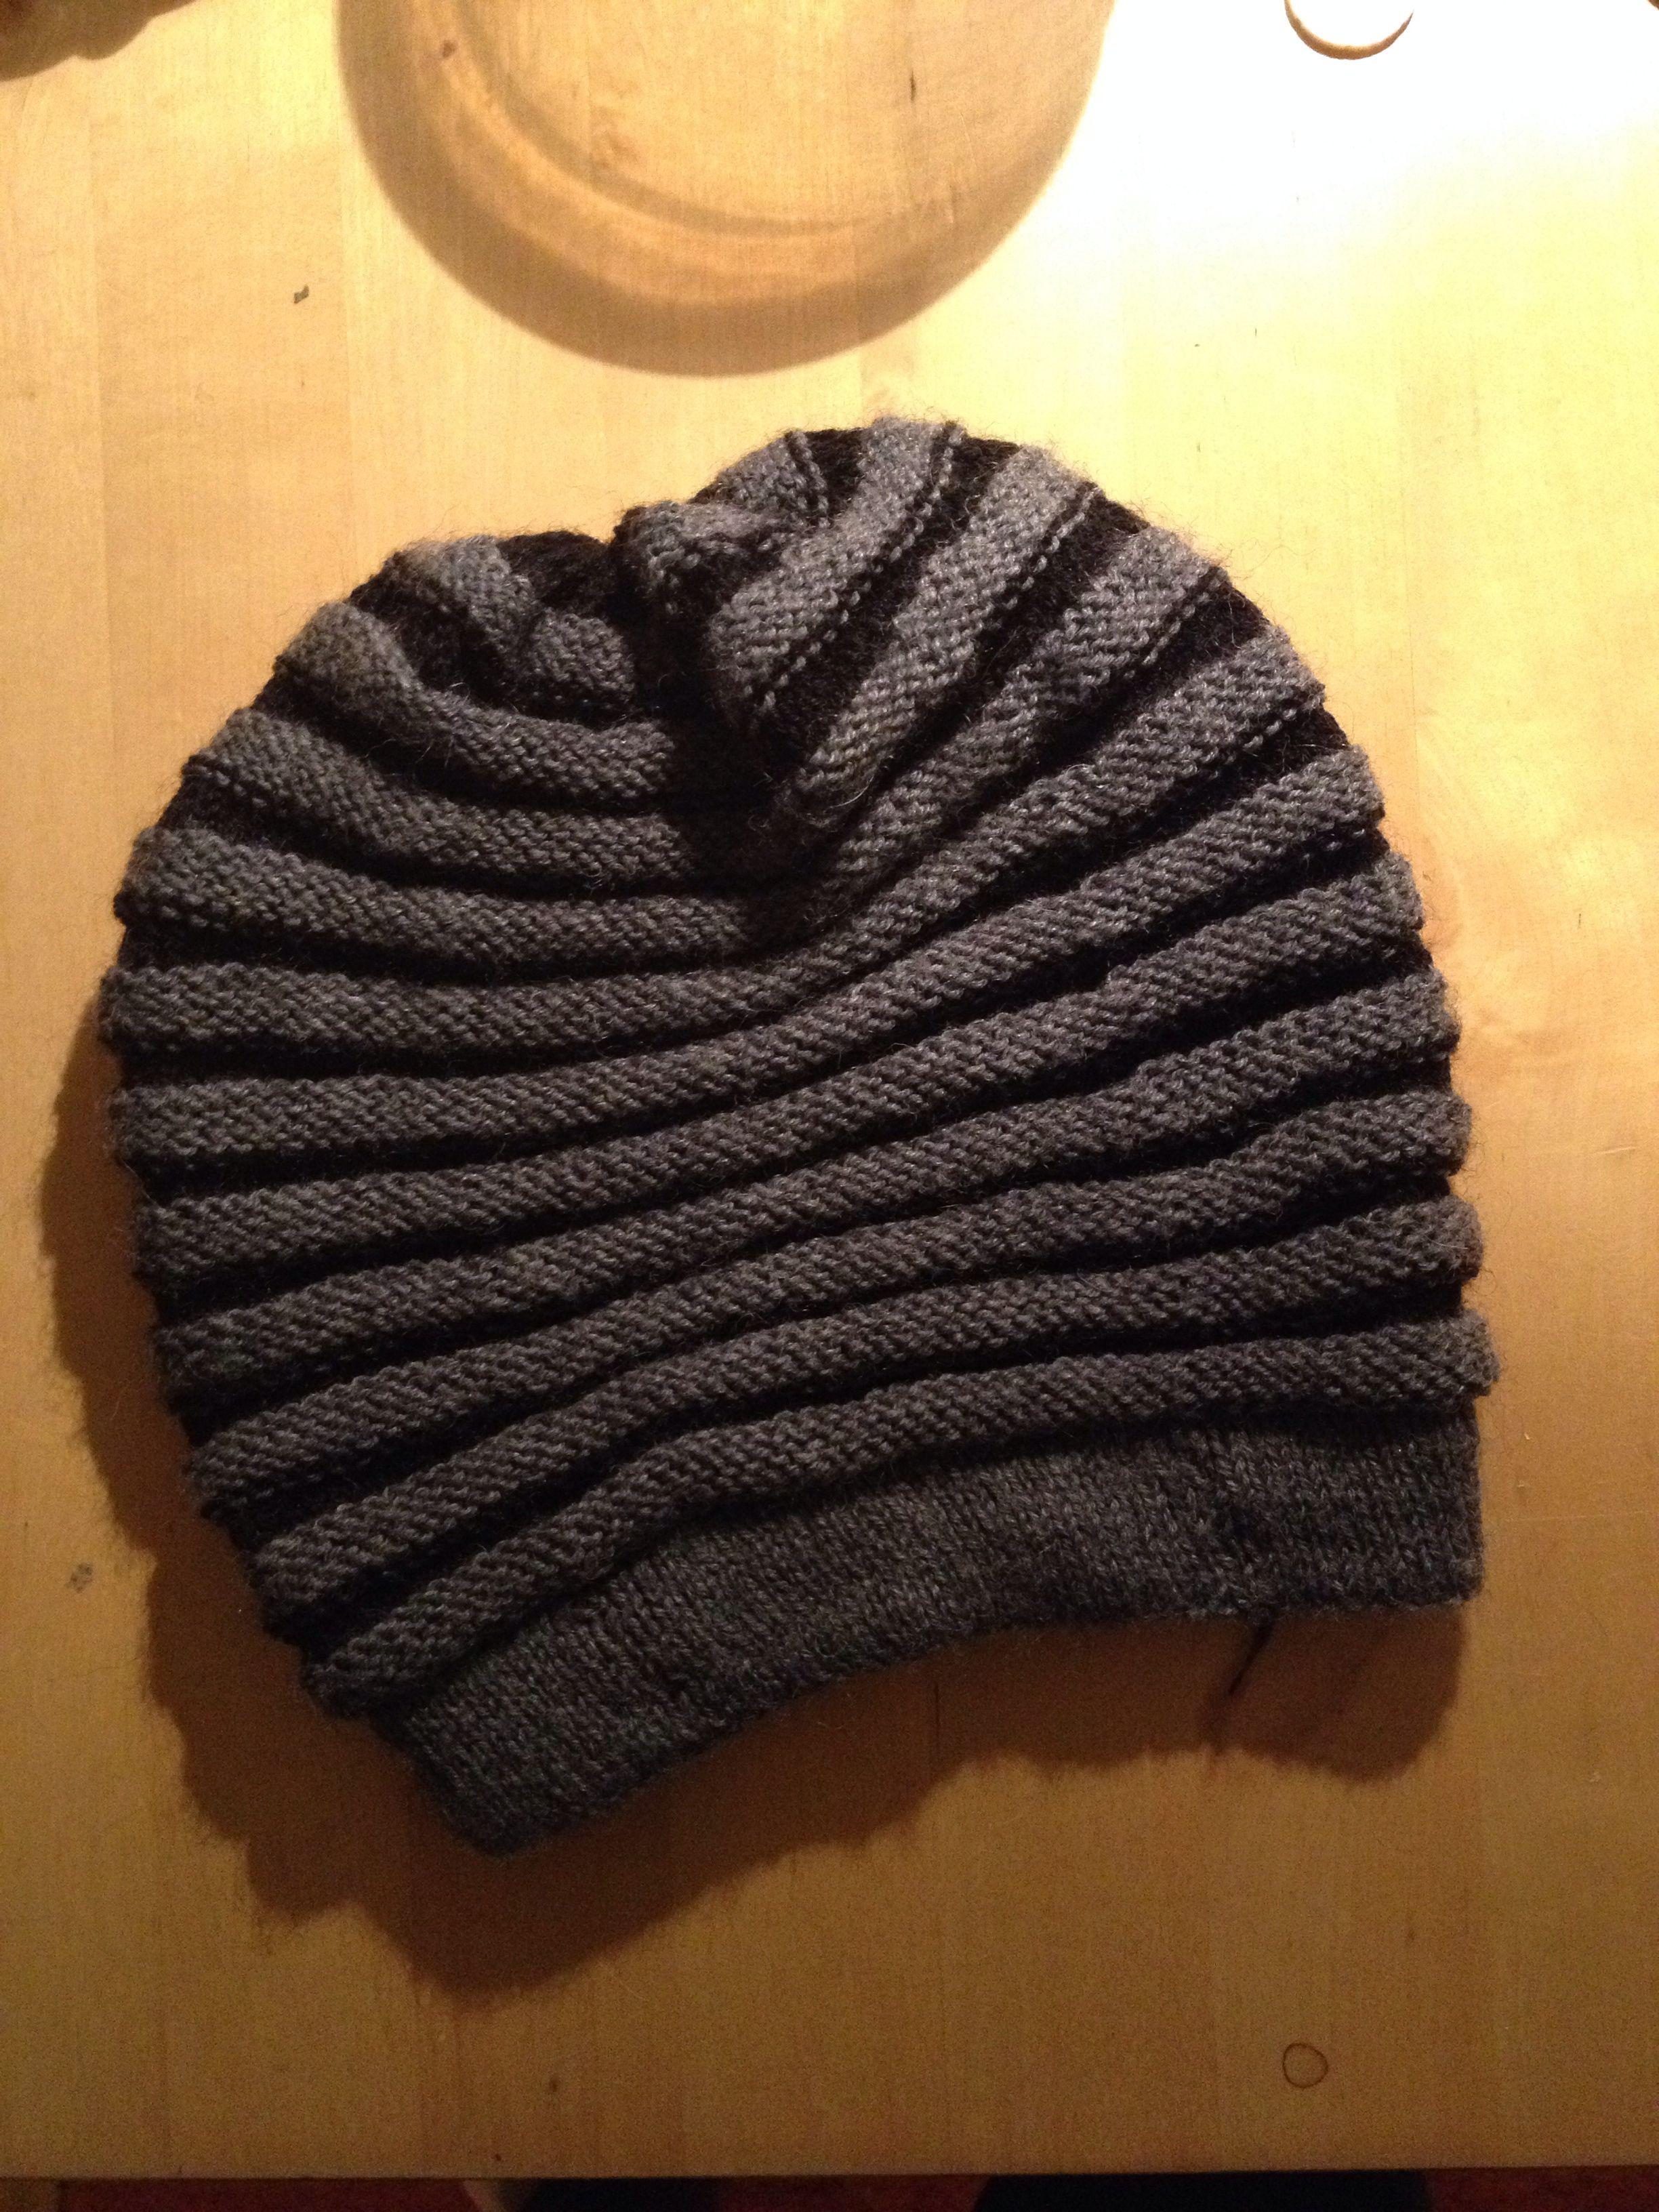 996a20de895 wurm hat http   www.ravelry.com patterns library